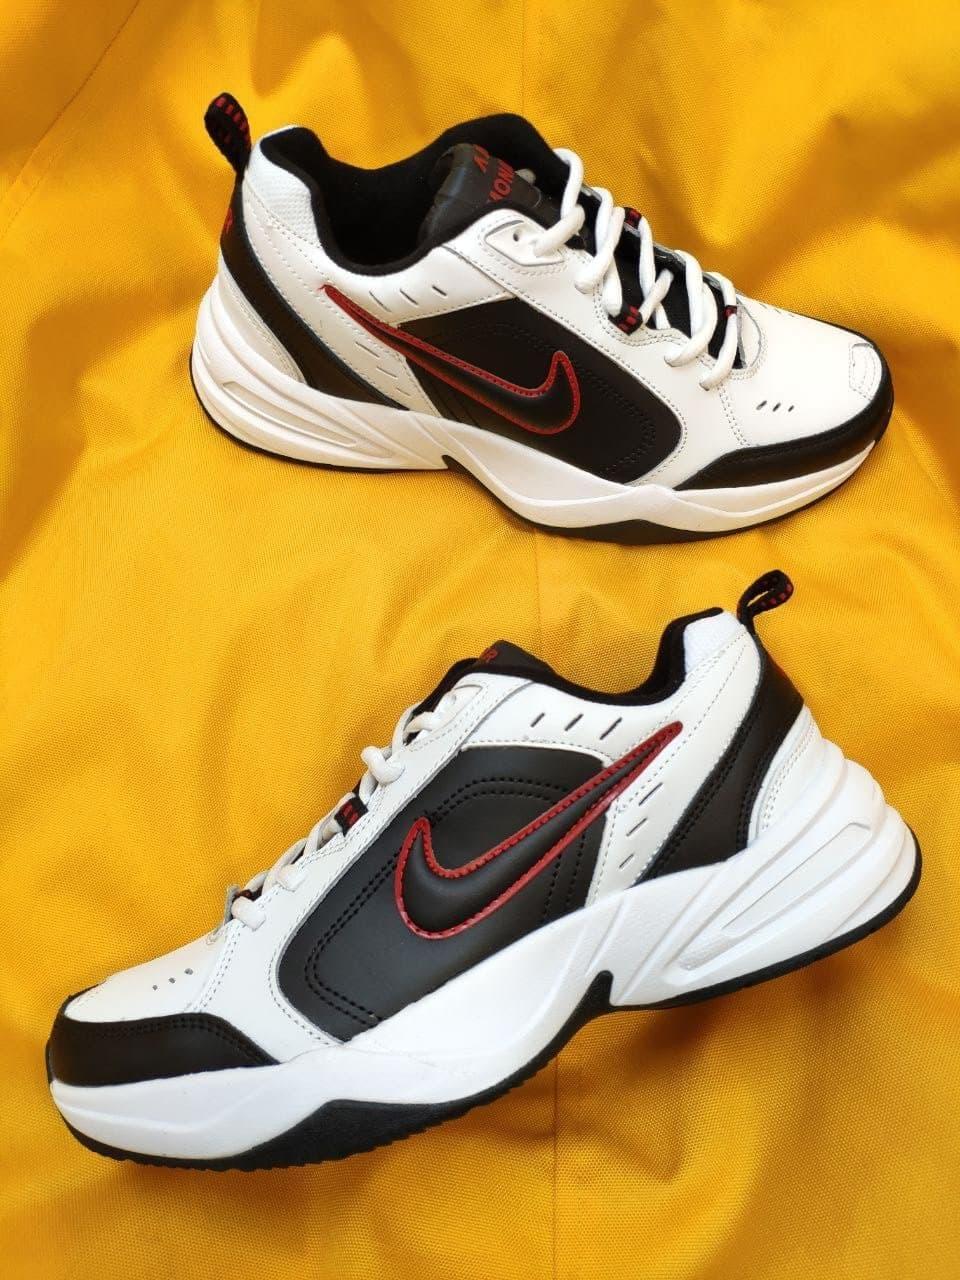 Мужские кроссовки Nike Air Monarch (бело-черно-красные) D88 стильная обувь на весенний сезон